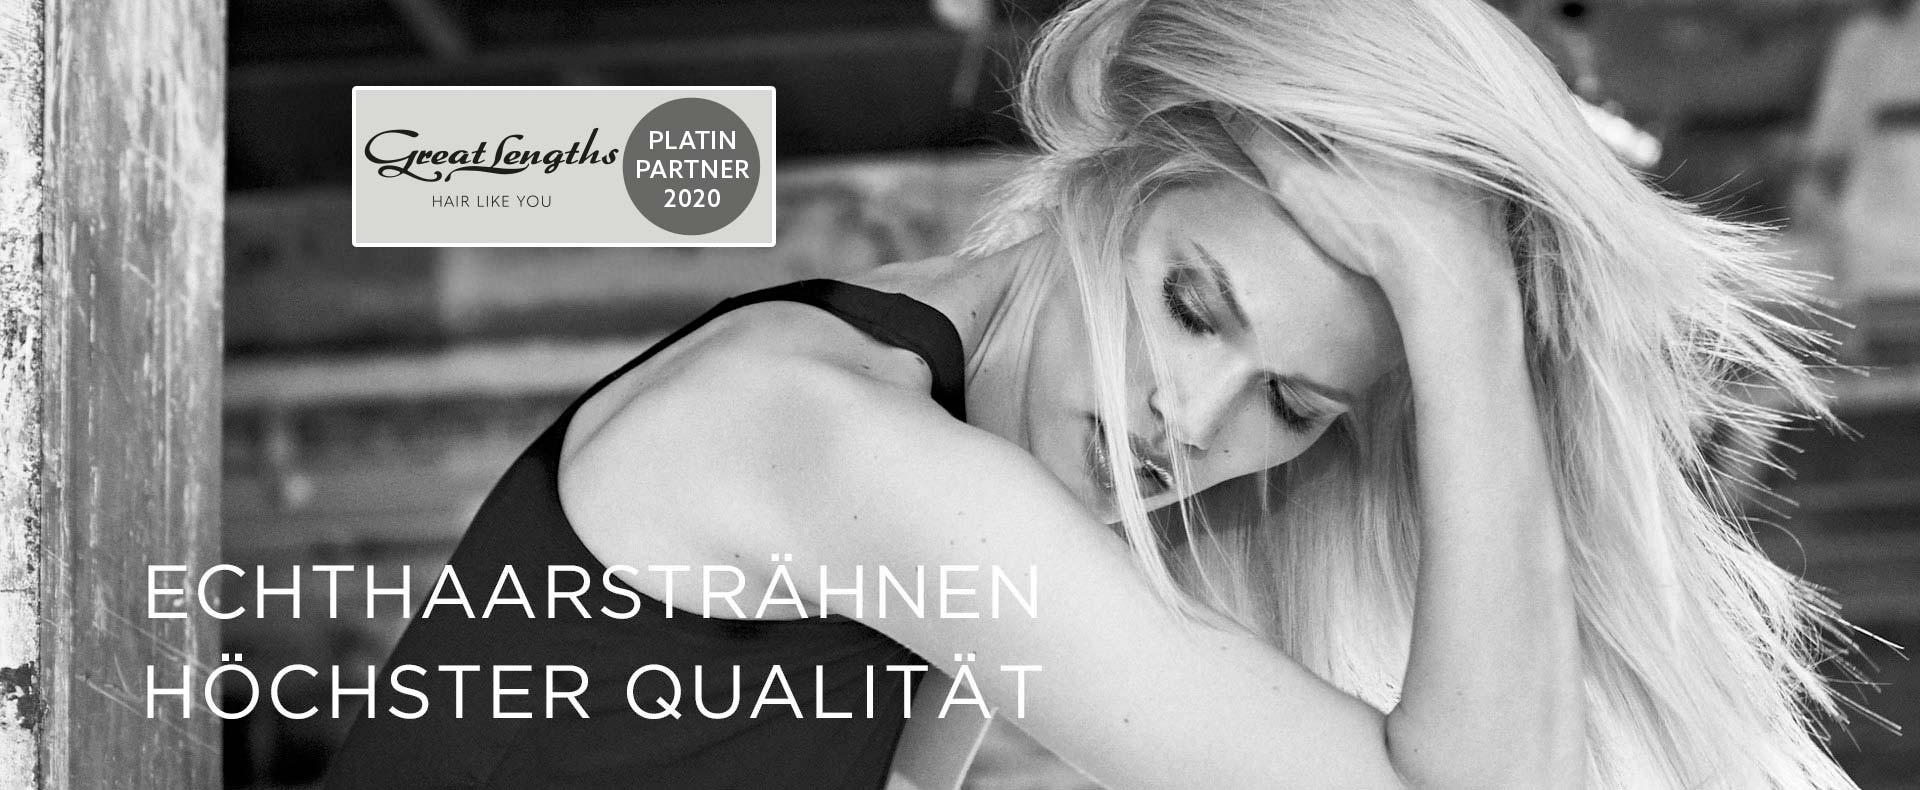 Hier zu sehen ist ein schwarz-weiß Bild eines Models mit blonden Echthaar Extensions von Great Lengths   Friseur Hair&Style Altbach